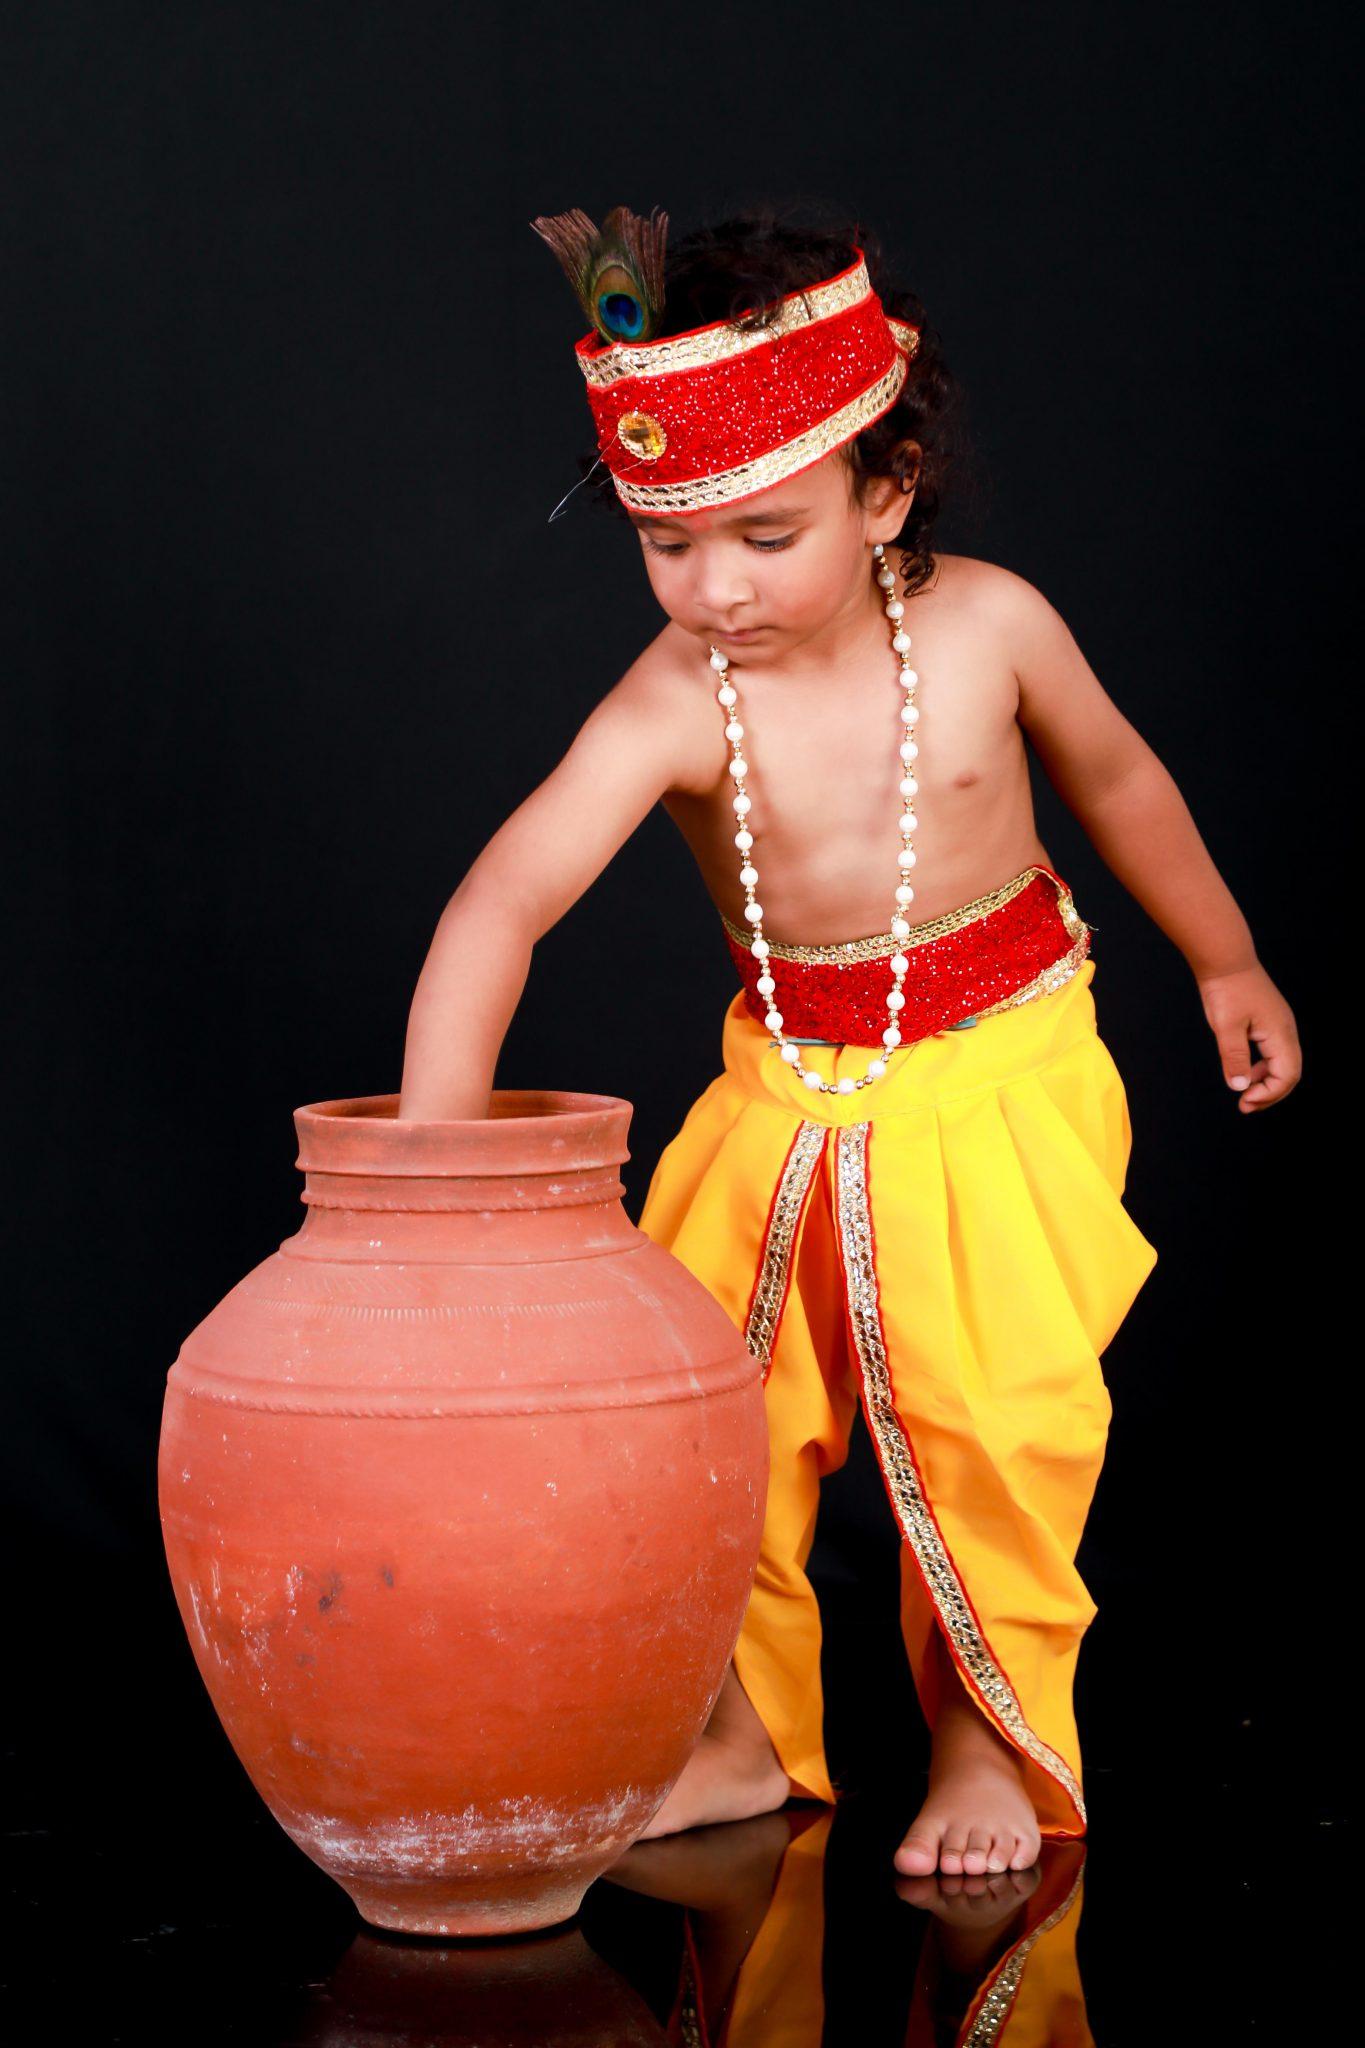 kids photoshoot kids photography baby boy photoshoot pre birthday photoshoot krishna